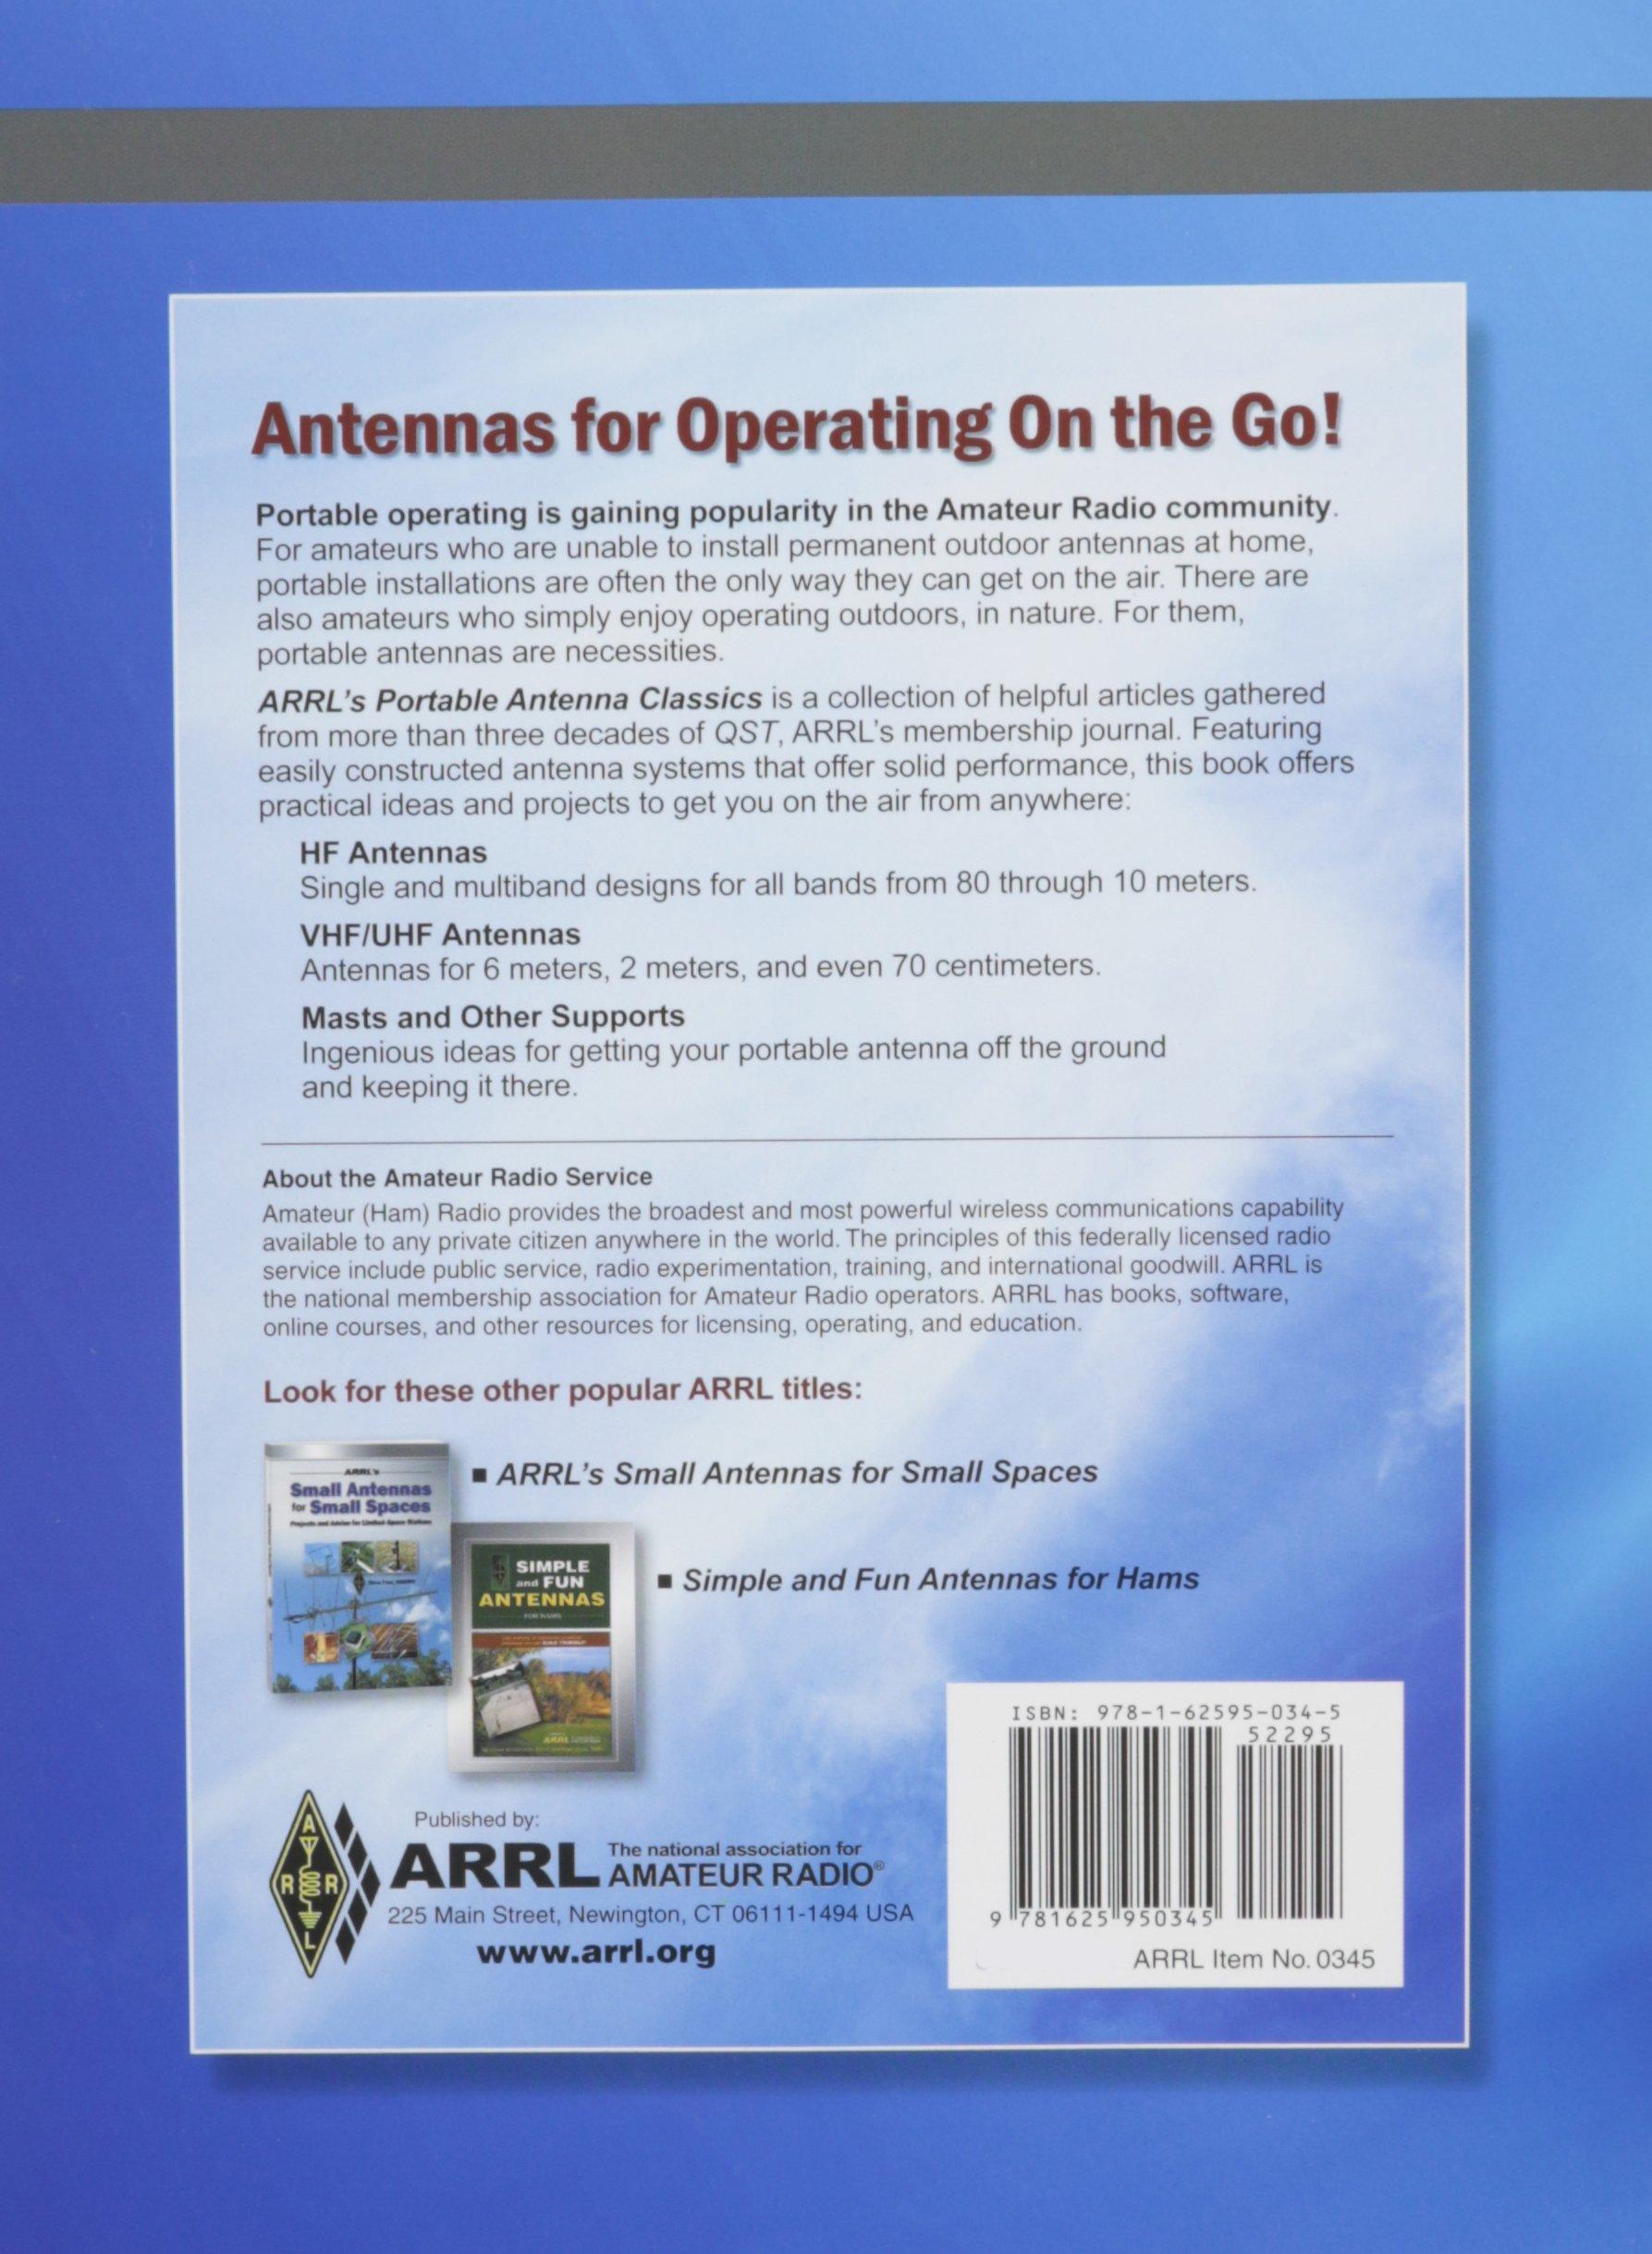 ARRL Portable Antenna Classics: ARRL Inc : 9781625950345